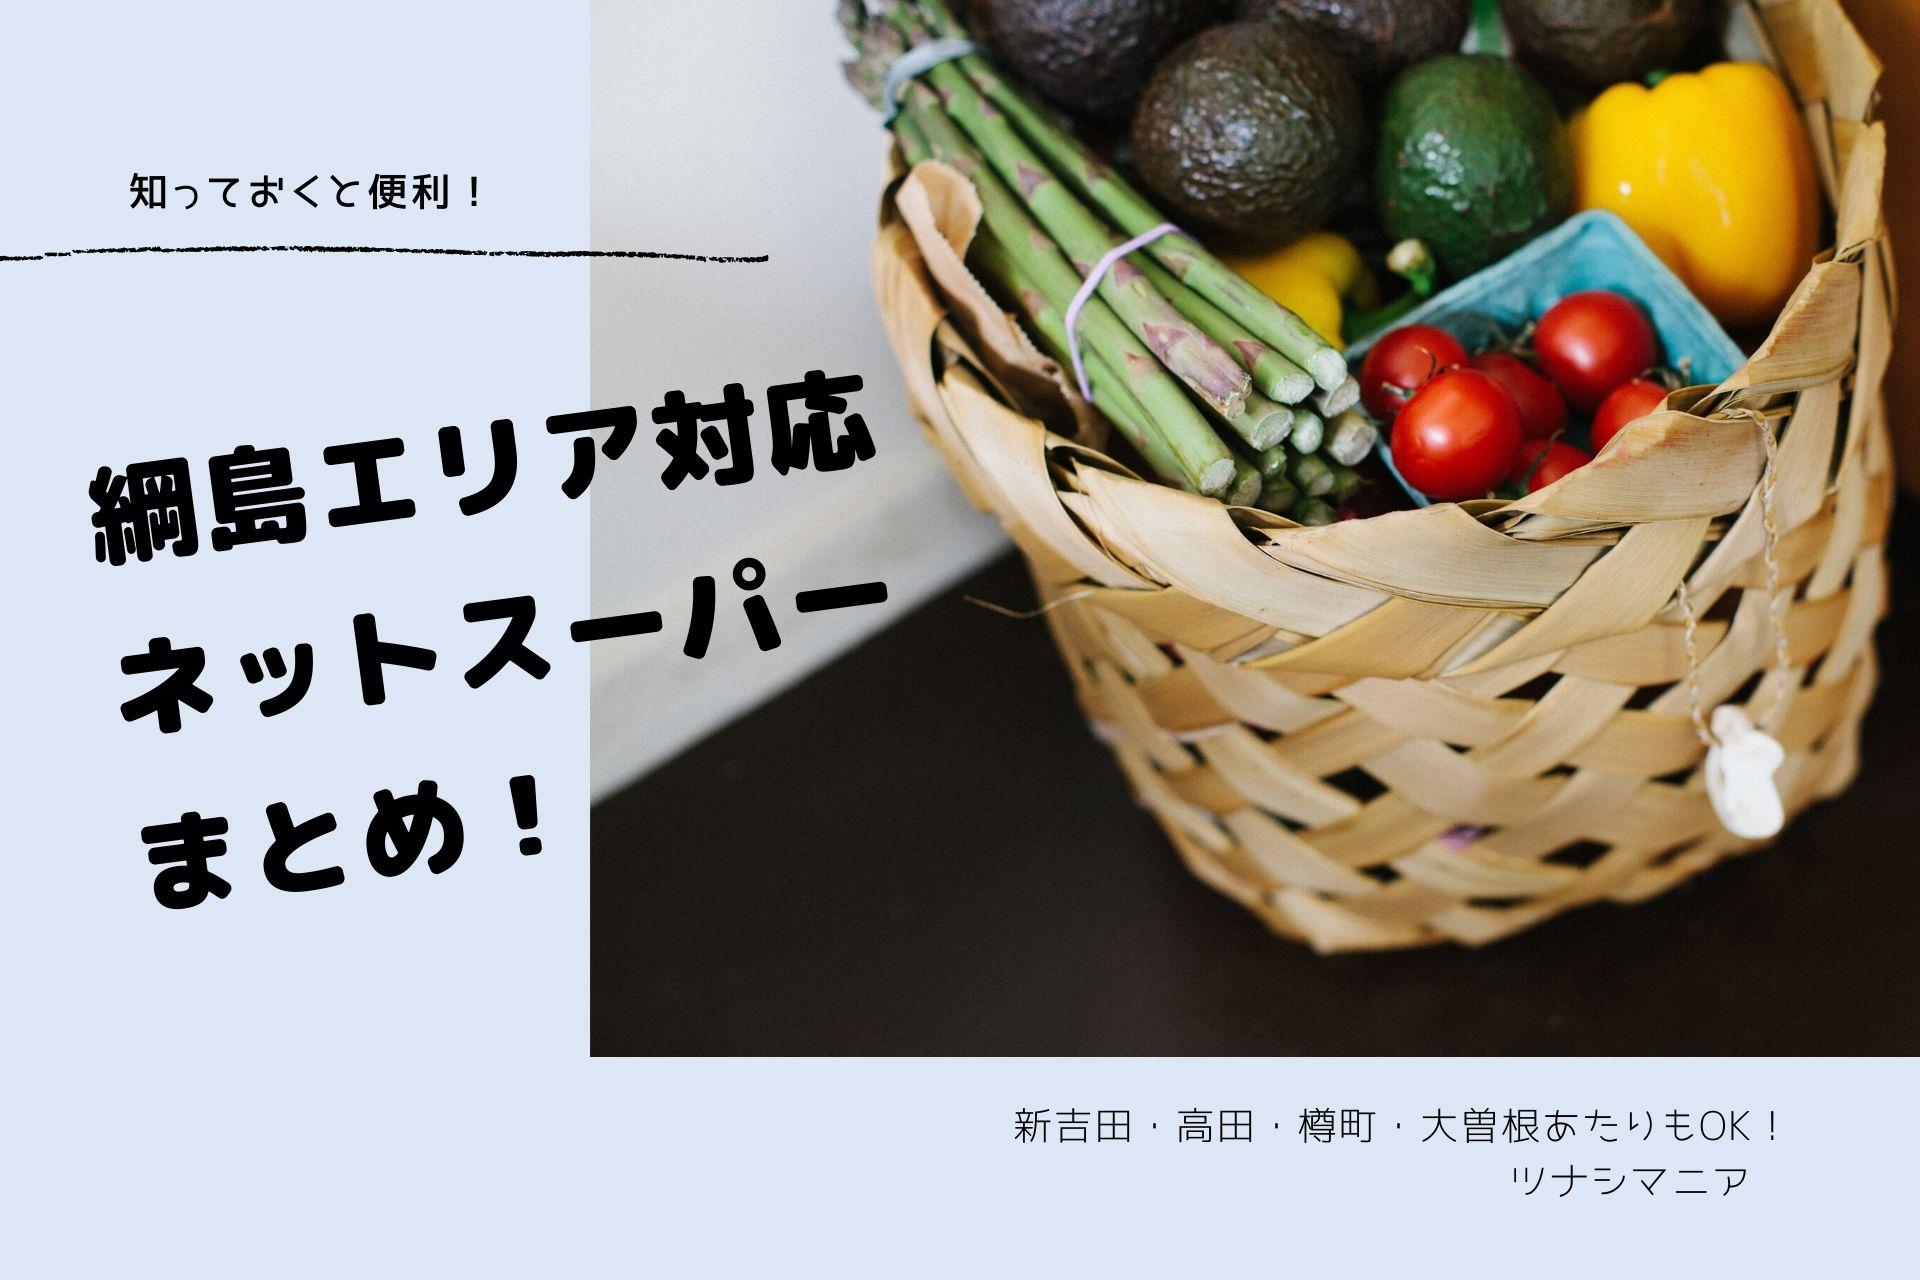 綱島のネットスーパー